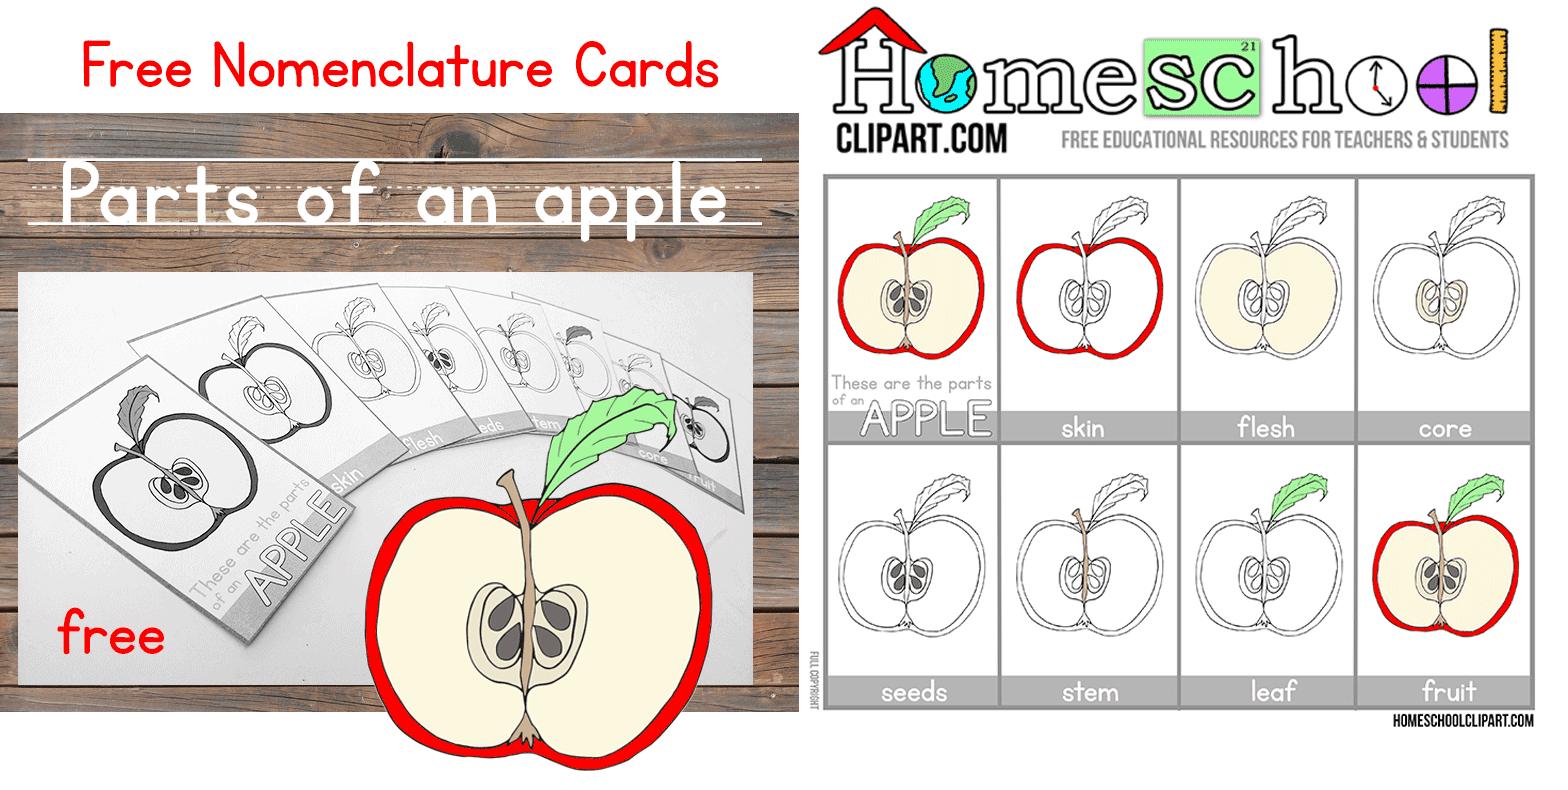 AppleCardsHeader